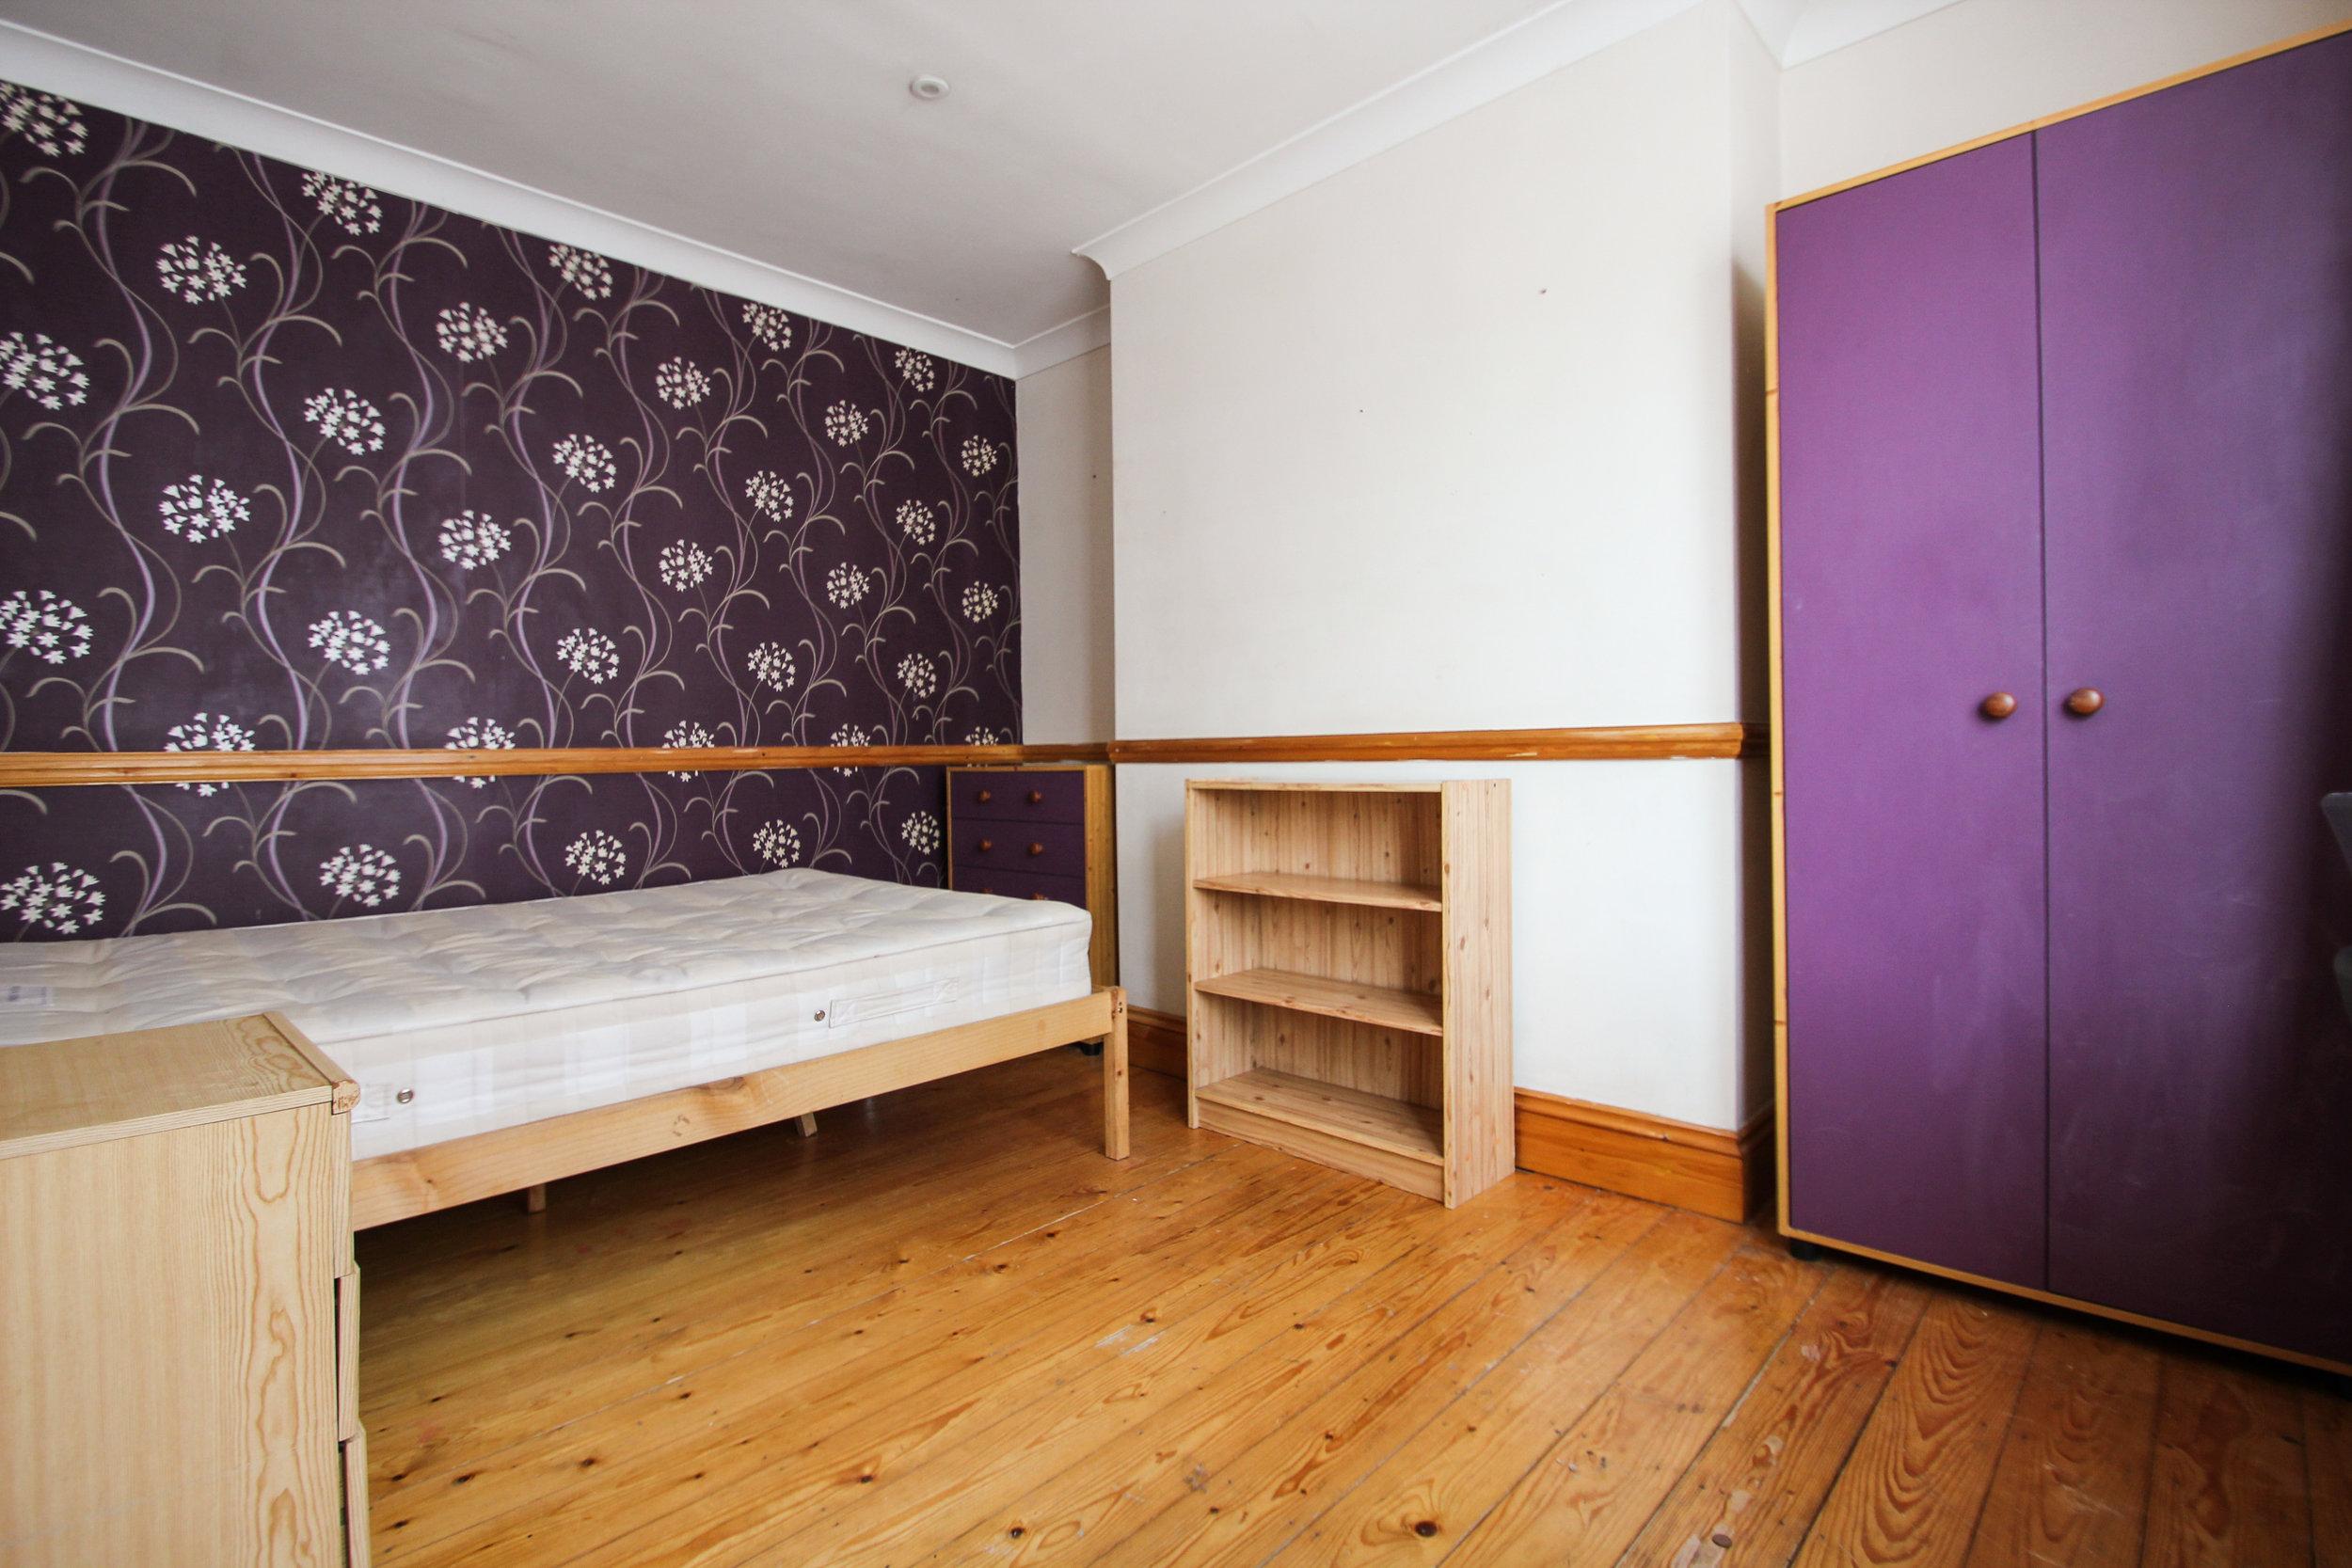 IMG_7711_edited.jpg bedroom 2.jpg